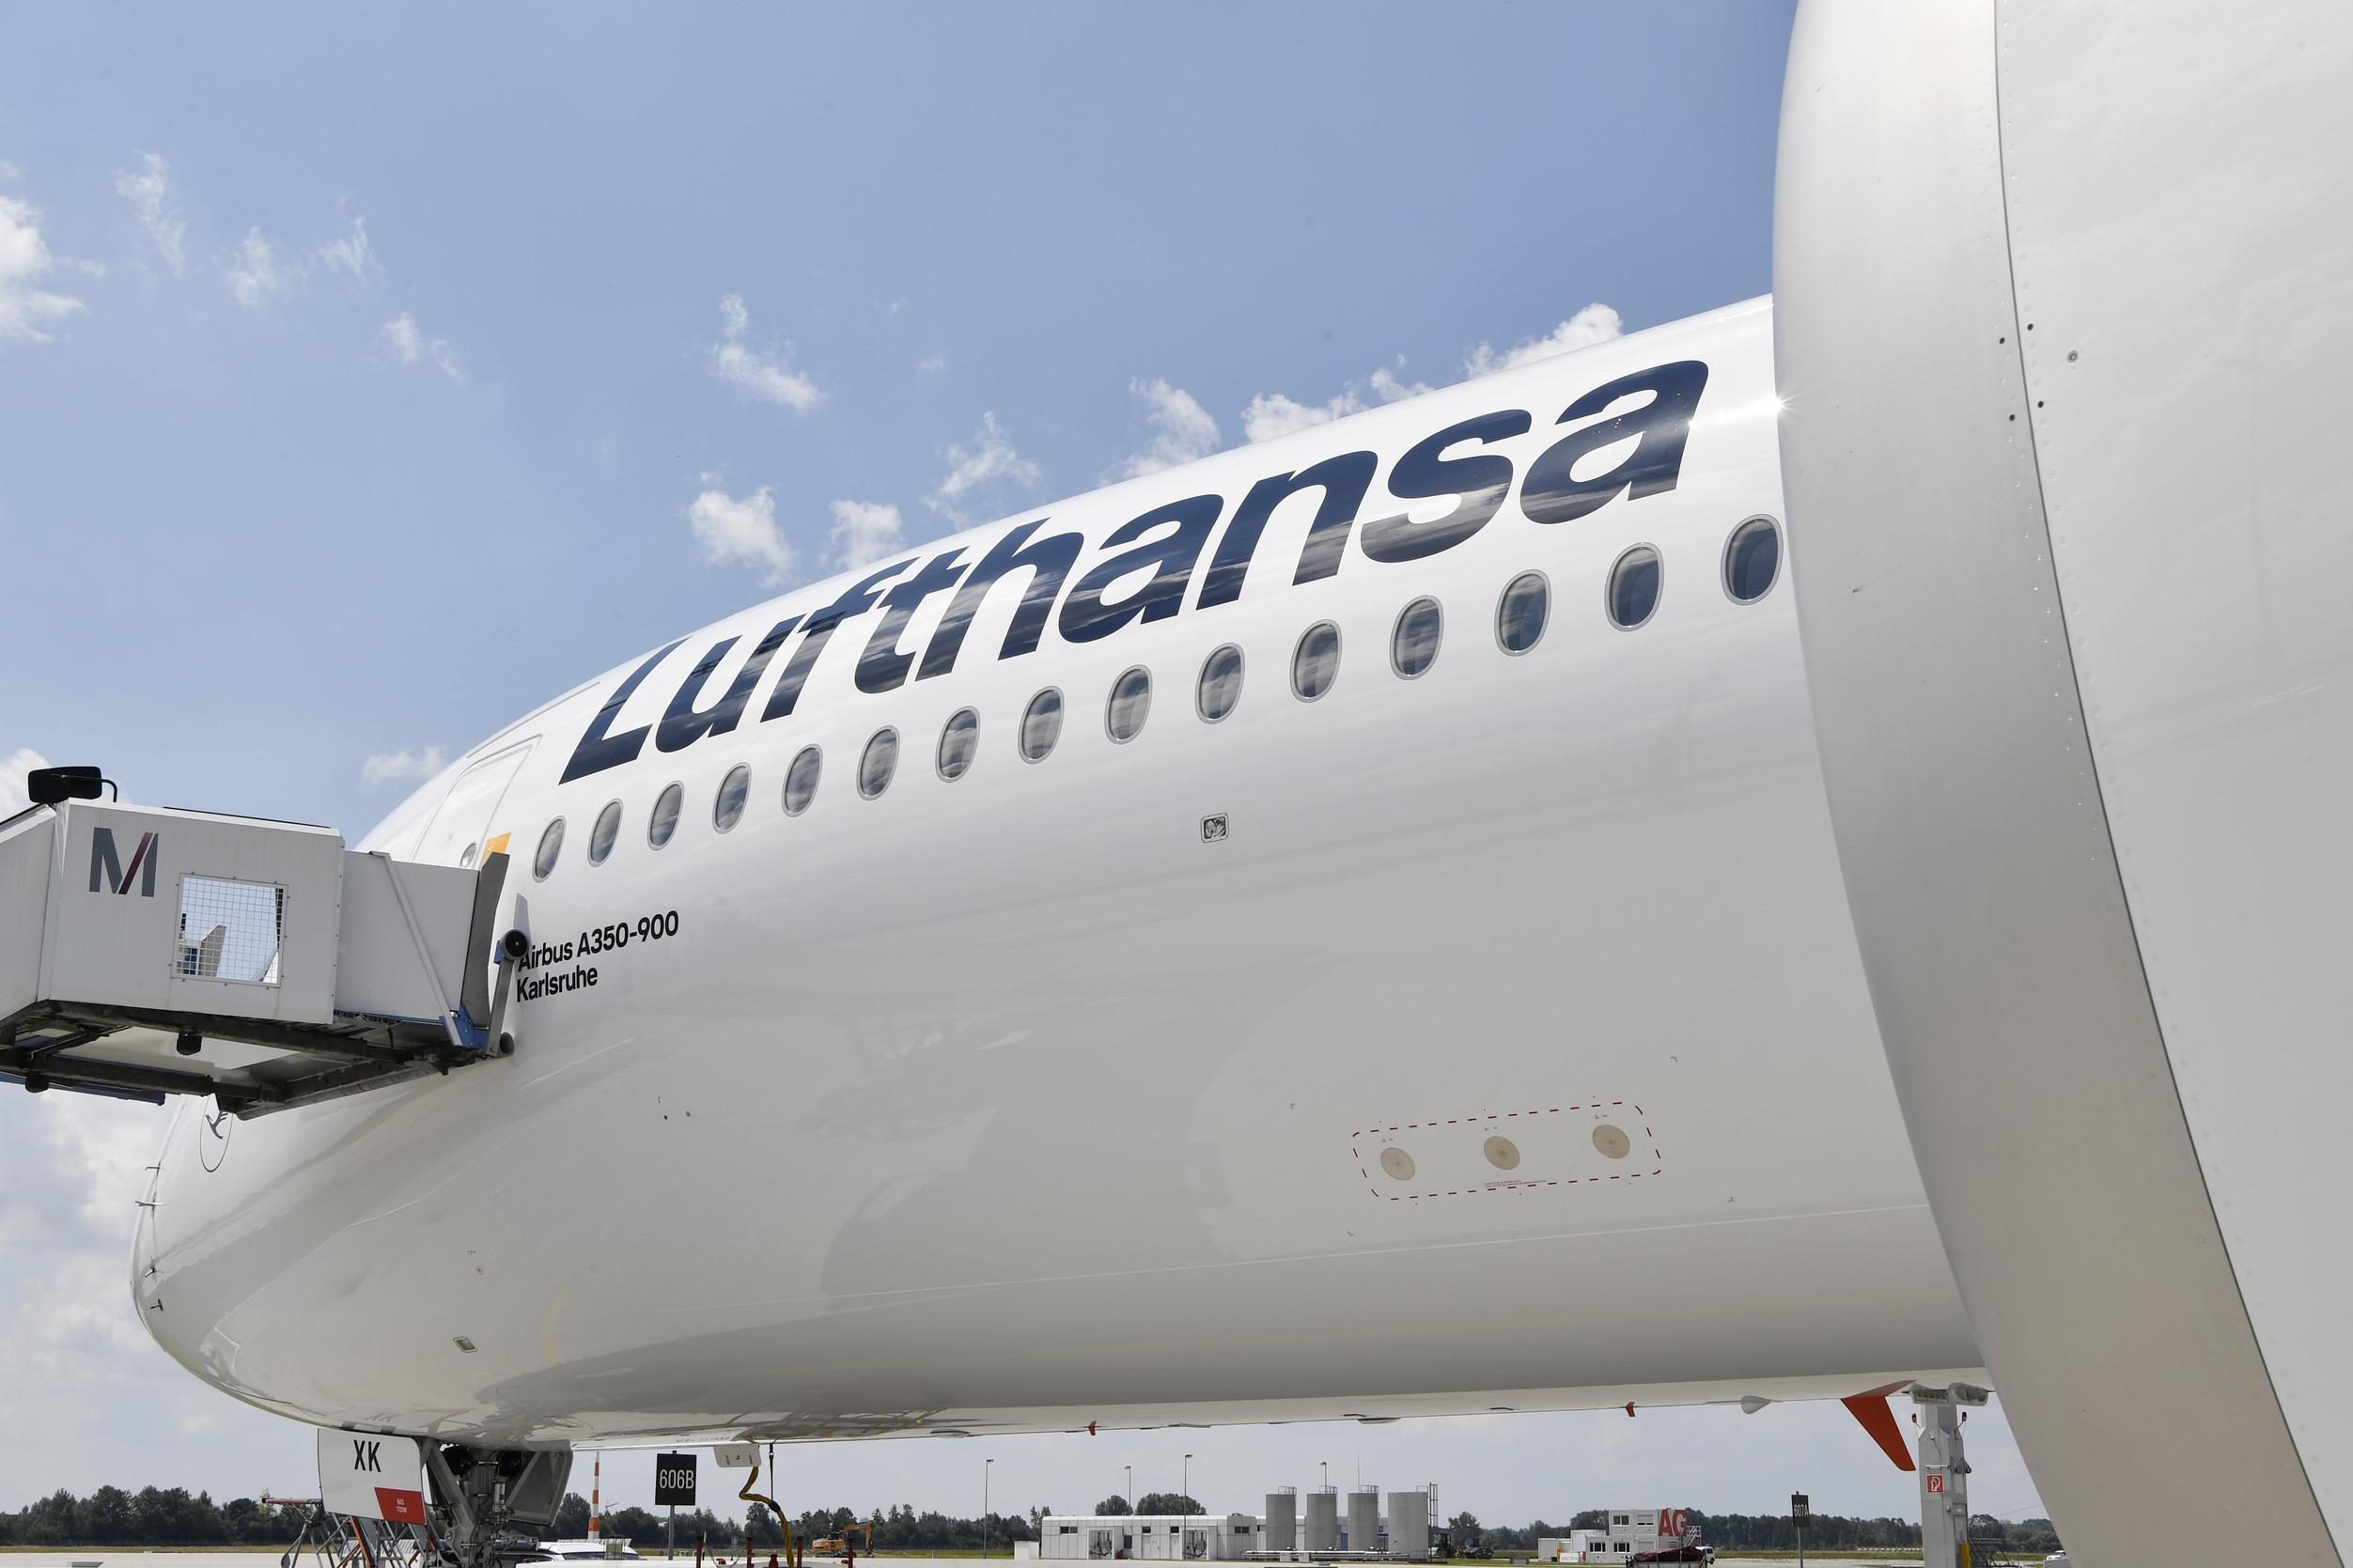 Lufthansa Airbus A350-900 i München Lufthavn. (Foto: Alex Tino Friedel ATF Pictures/Lufthansa PR)